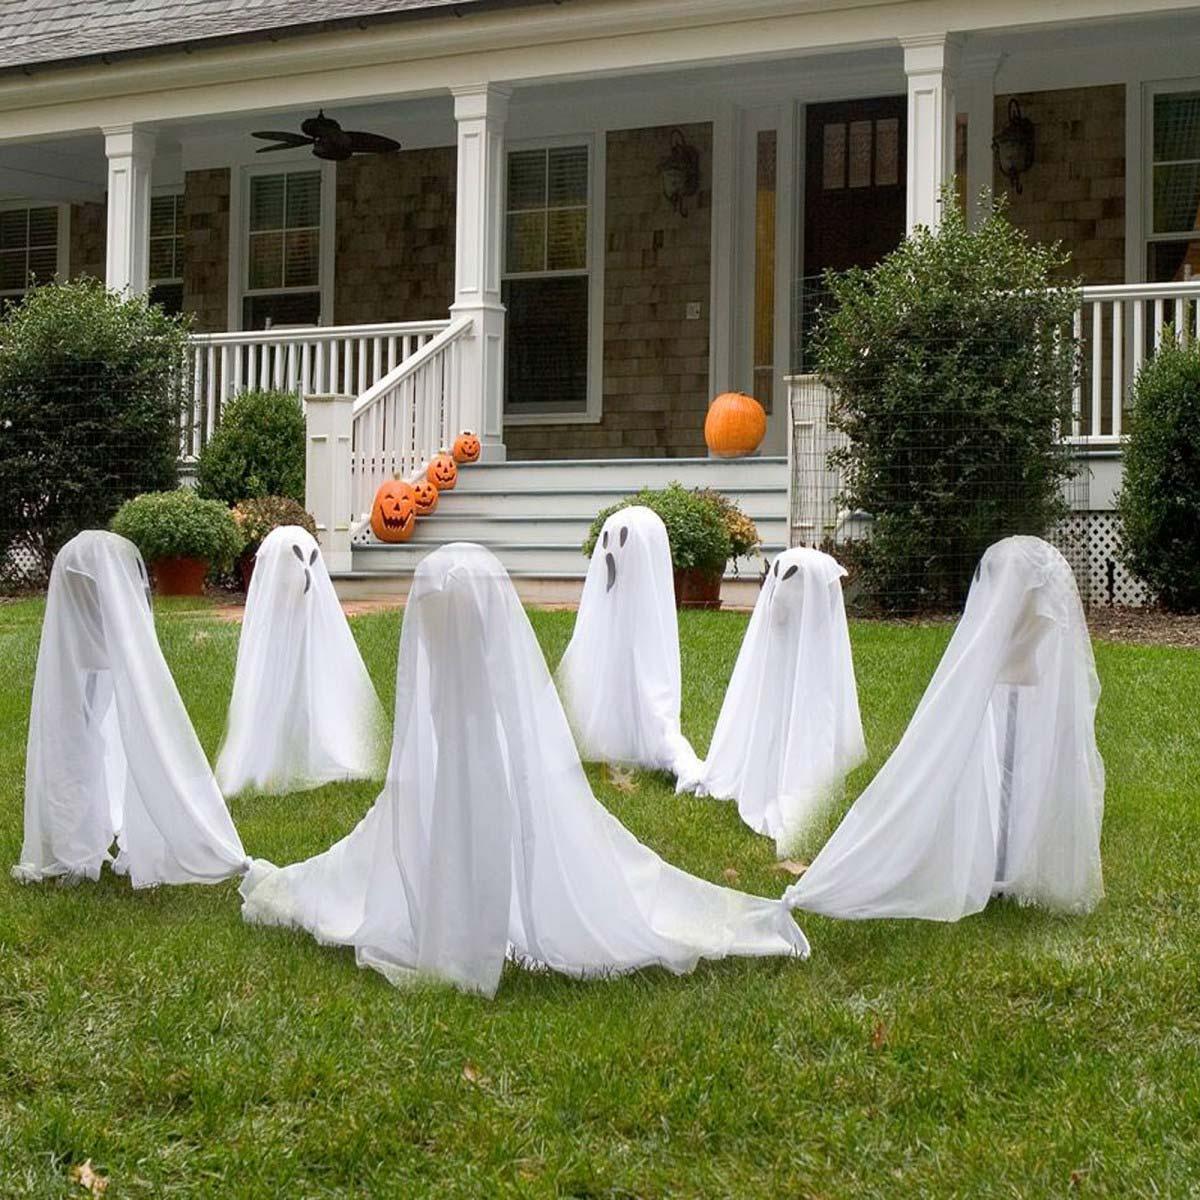 Indoor halloween decorations for kids - Indoor Halloween Decorations For Kids Y1cagmeh